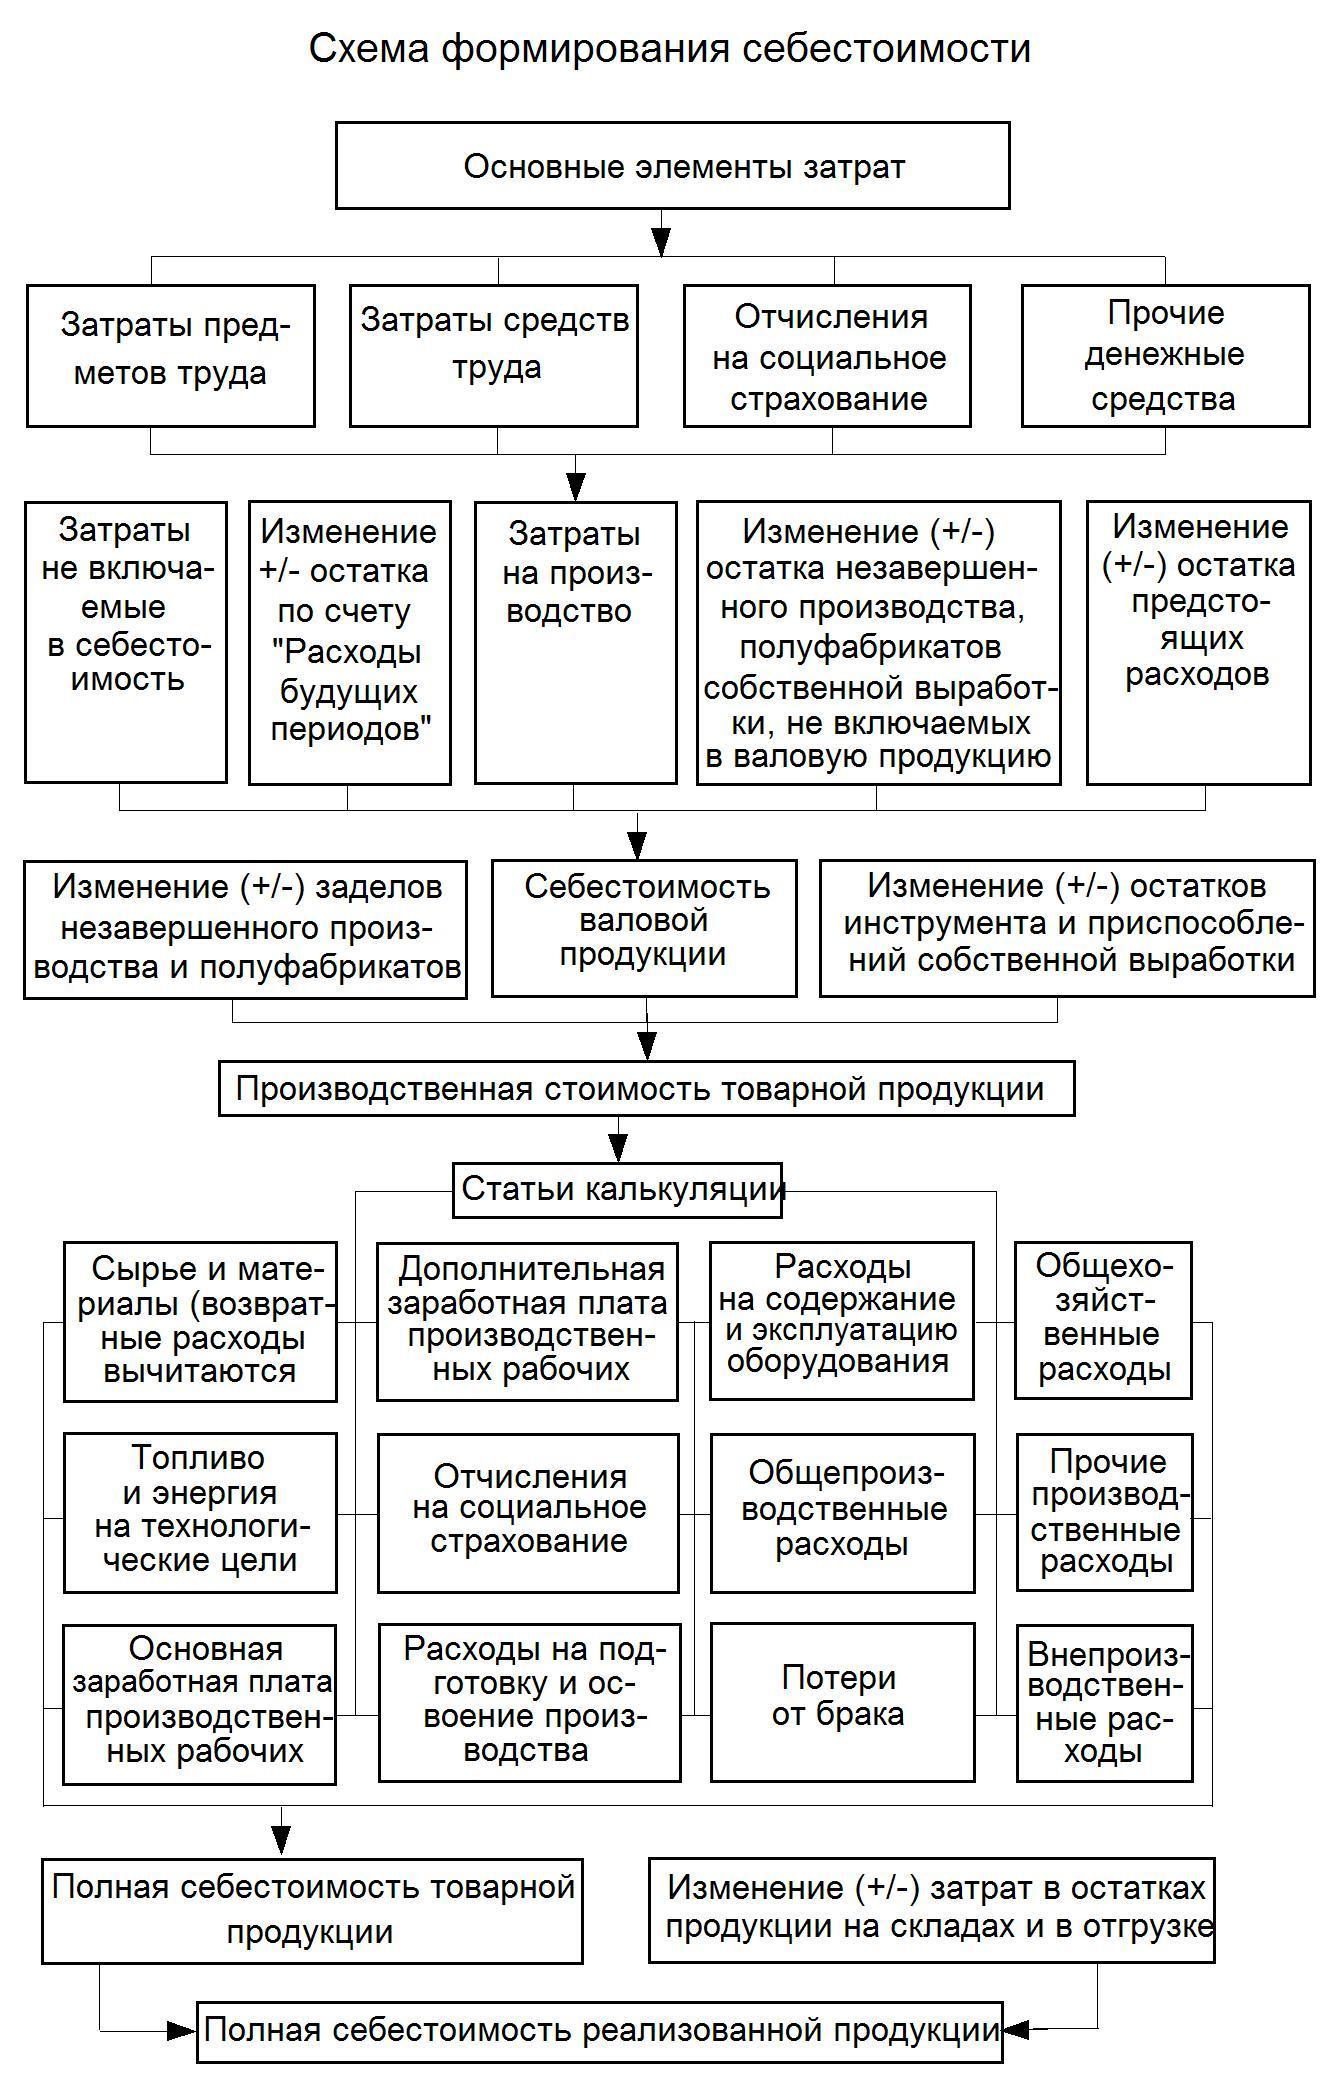 Калькуляции и их схемы